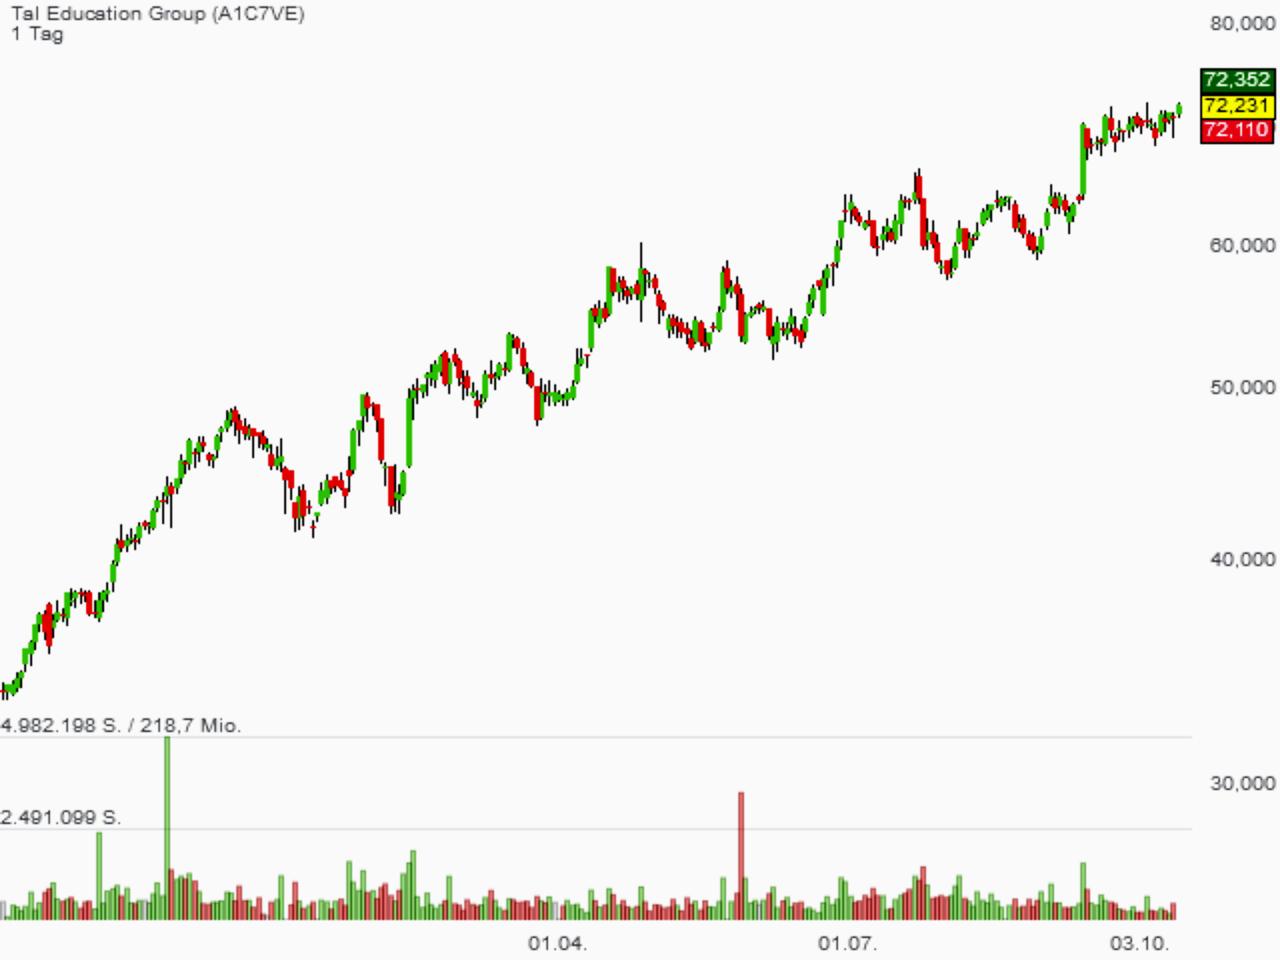 China-Aktien haben die Korrektur überstanden. TAL Education zeigte sich als Bulle. Jetzt steht die Aktie vor einem neuen 52-Wochenhoch!